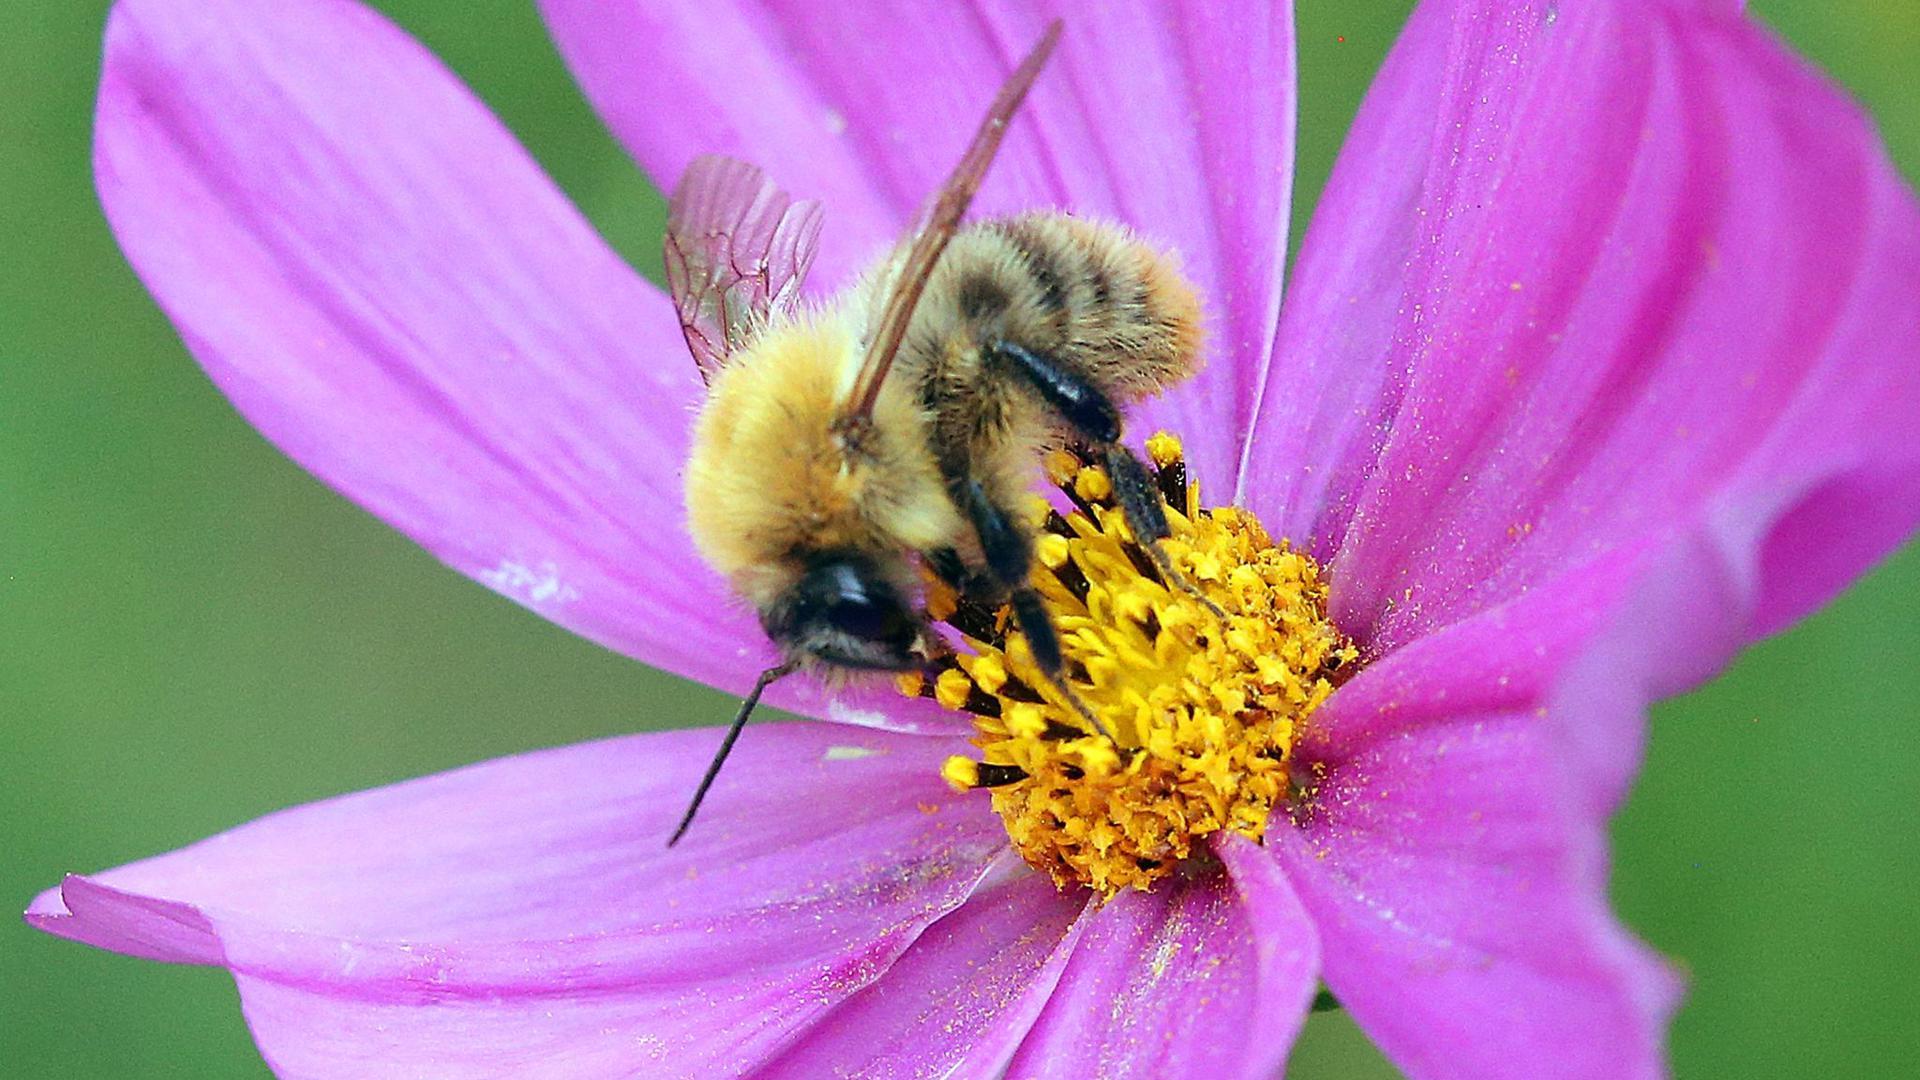 Zusätzliche Gebiete sollen unter besonderen Schutz gestellt werden, die wichtige Lebensräume für Insekten sind.